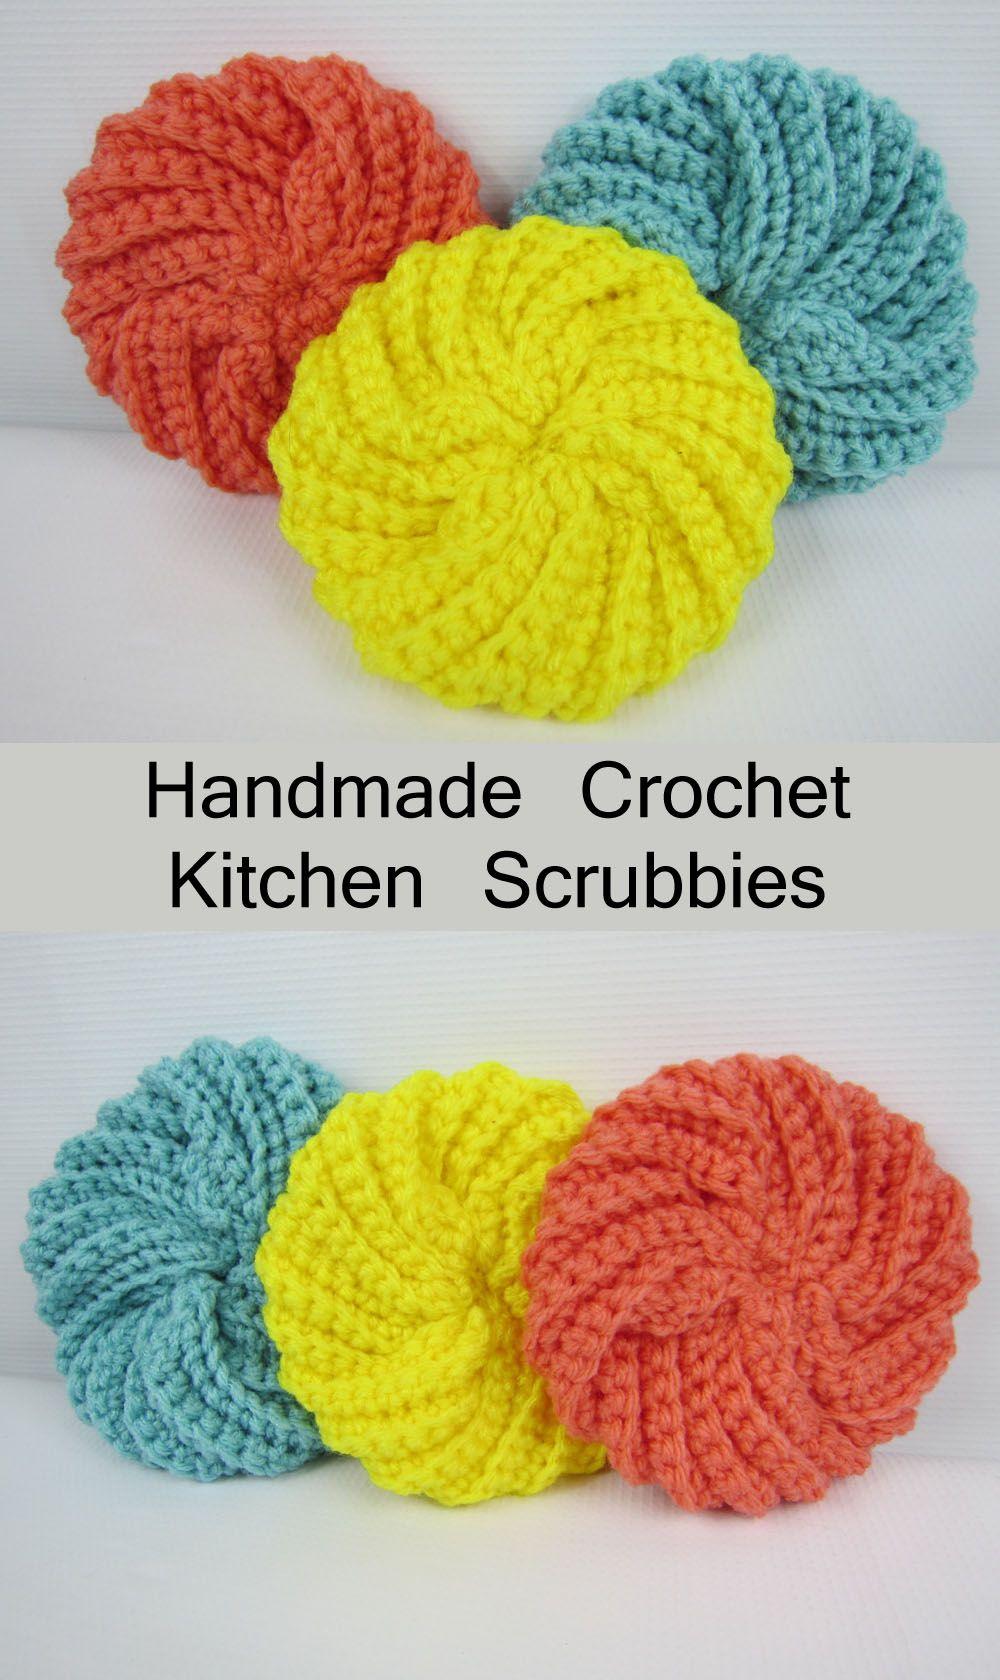 Hermosa Patrón De Crochet Scrubbie Molde - Manta de Tejer Patrón de ...